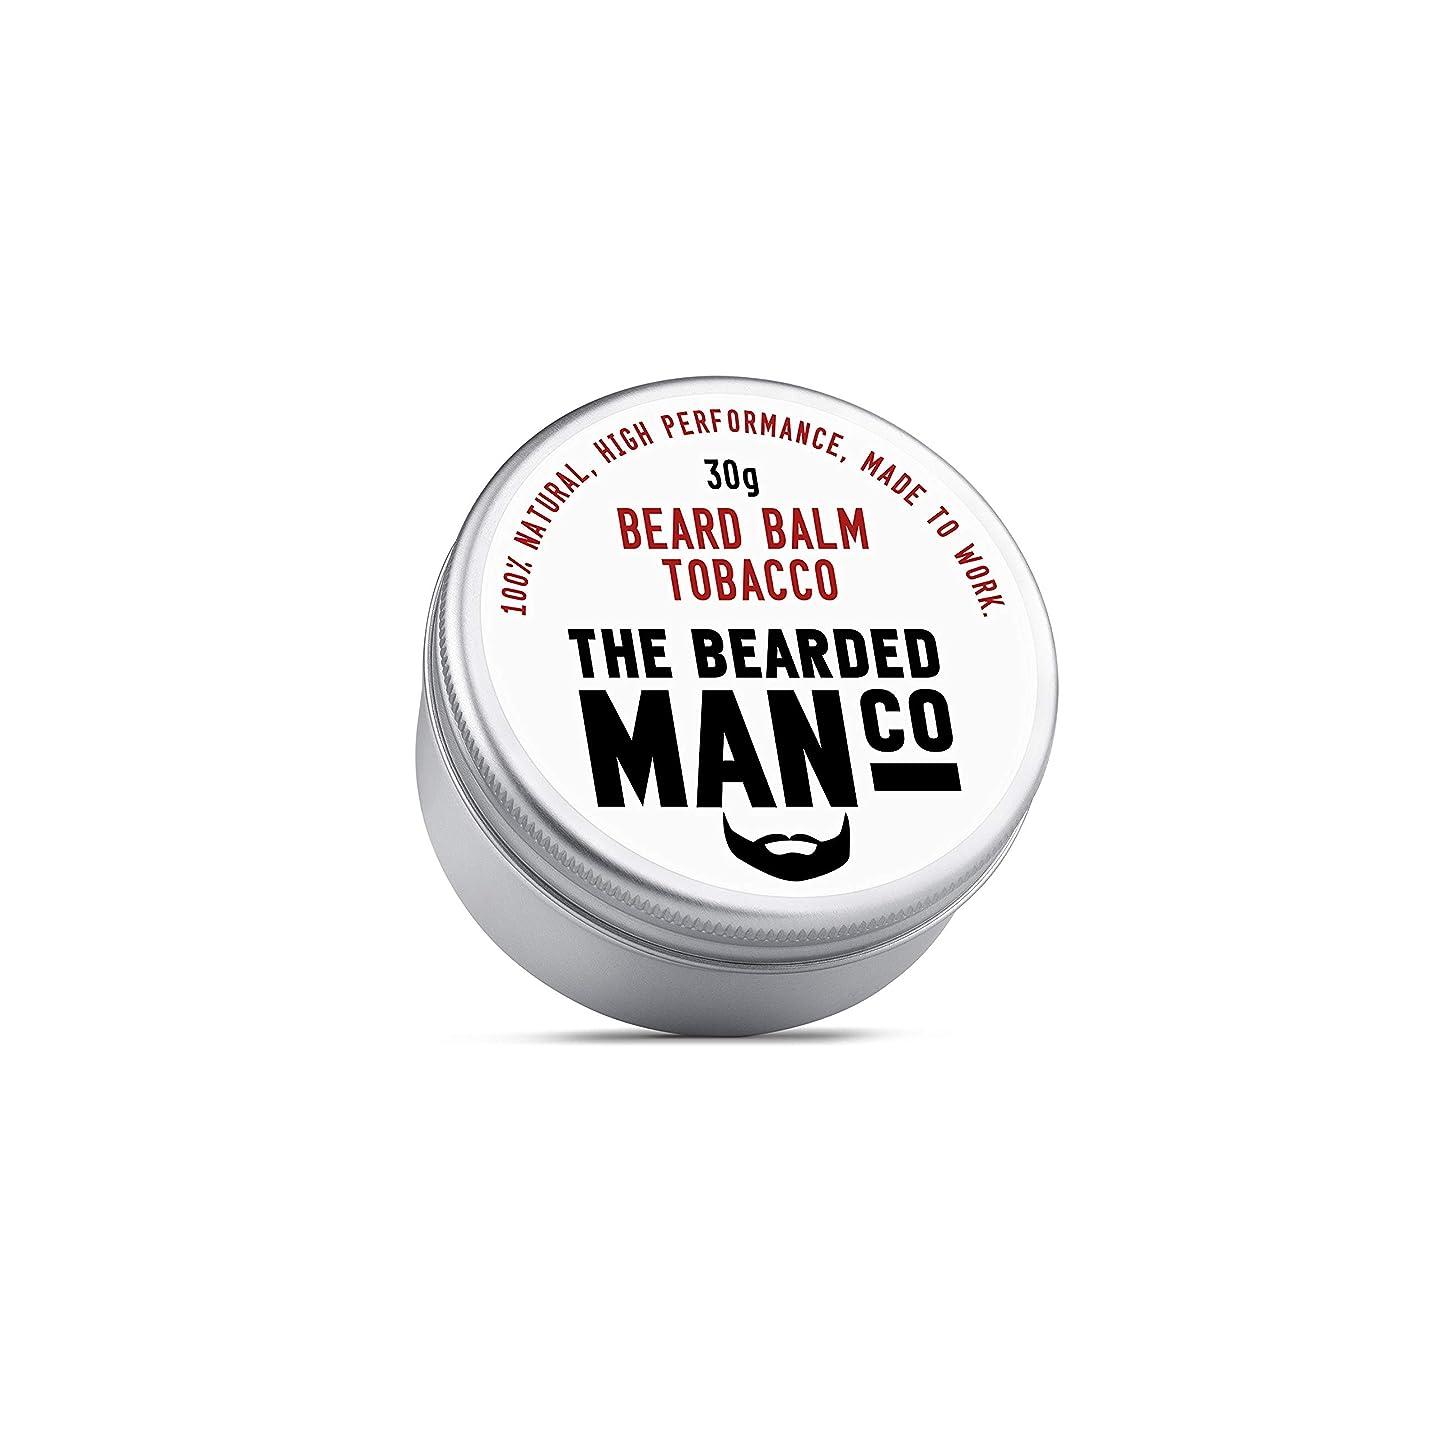 洞察力のある傀儡学んだひげを生やした男会社タバコ香りひげ香油